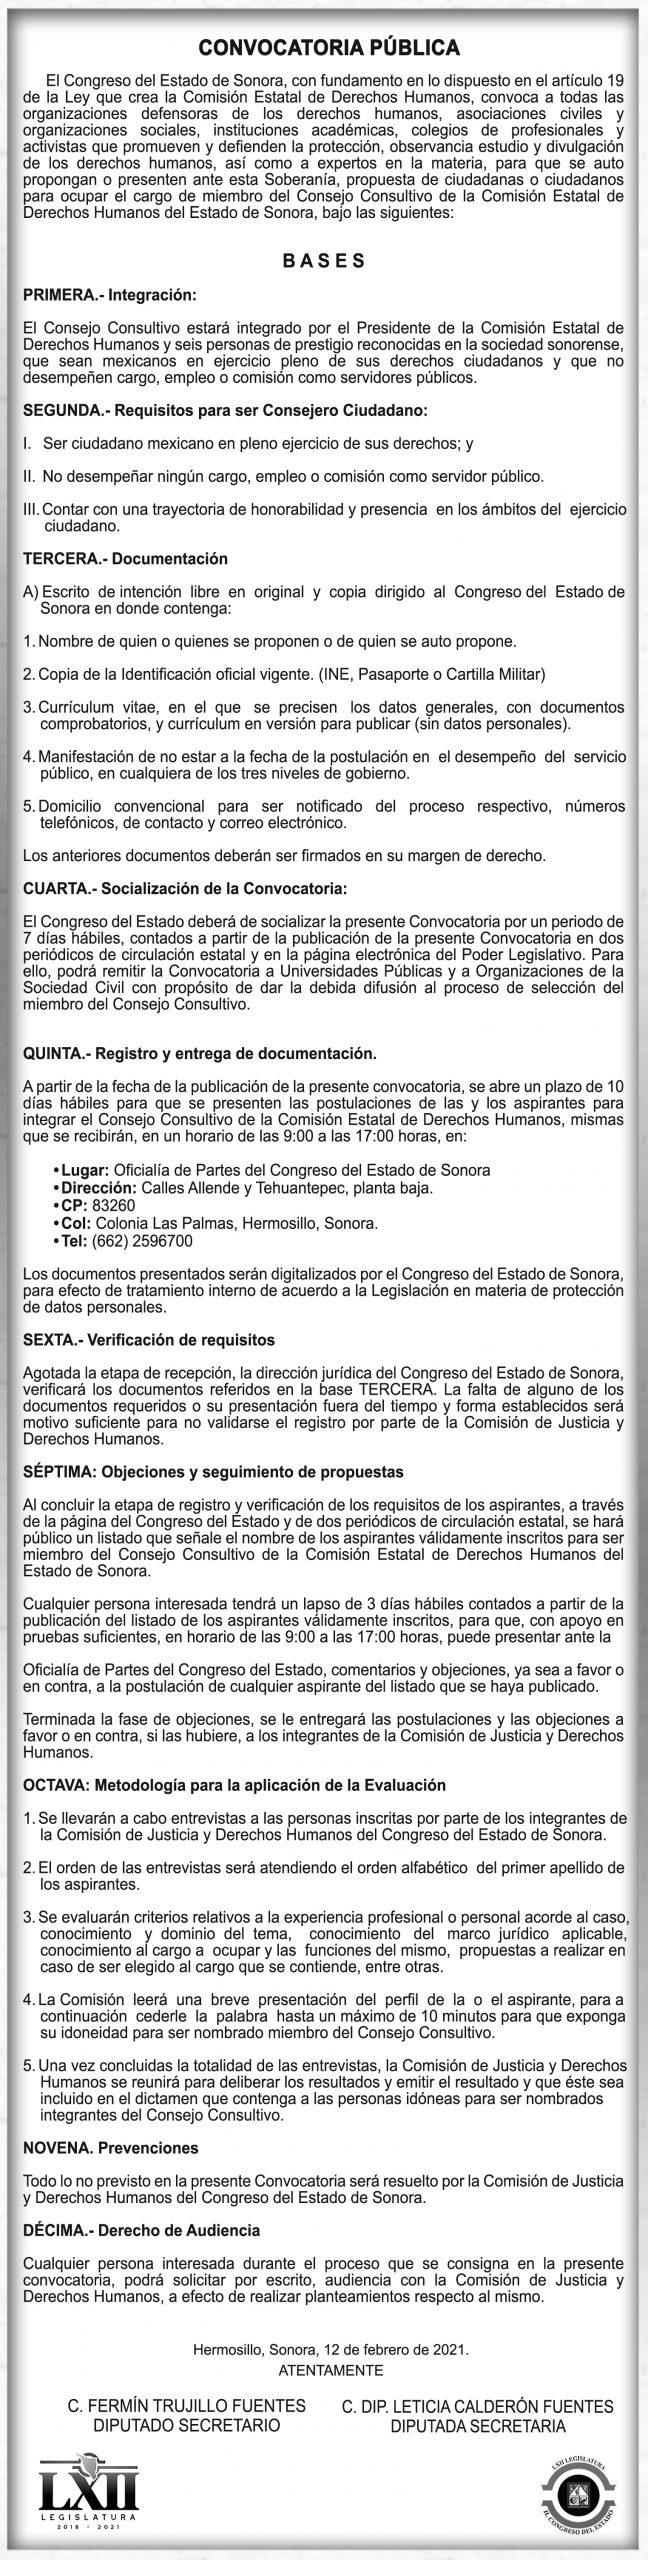 CONVOCATORIA CONSEJO CONSULTIVO DE LA COMISION ESTATAL DE DERECHOS HUMANOS